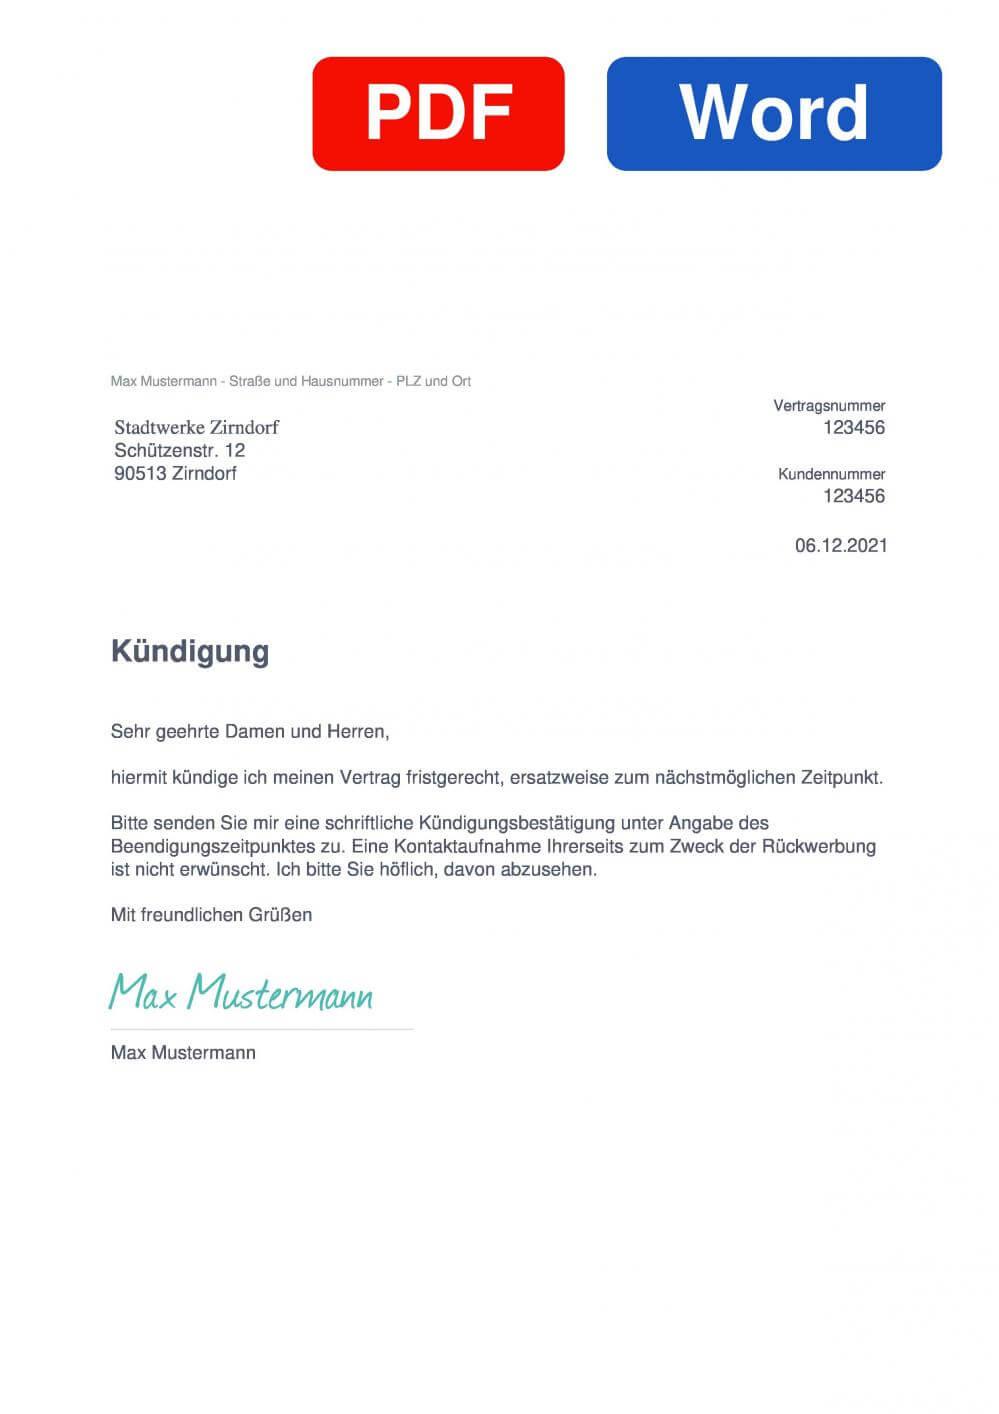 Stadtwerke Zirndorf Muster Vorlage für Kündigungsschreiben